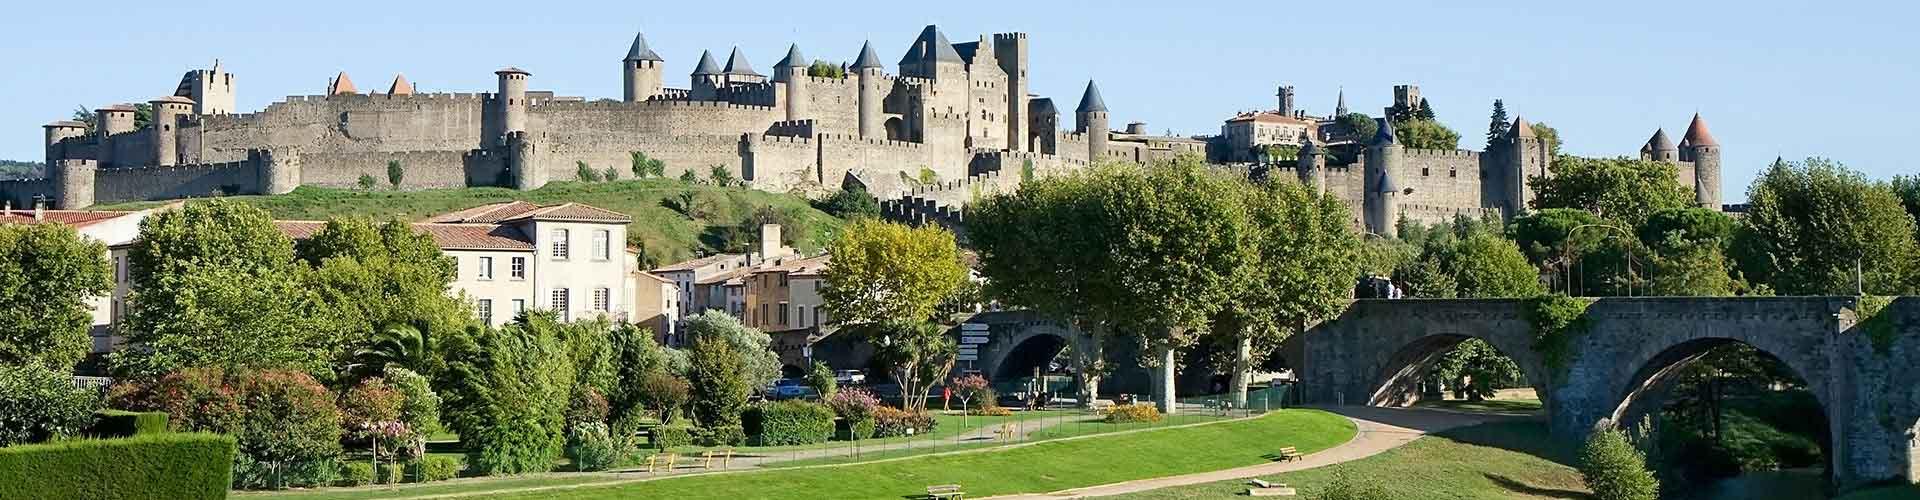 Carcassonne - Hostales en Carcassonne. Mapas de Carcassonne, Fotos y comentarios de cada Hostal en Carcassonne.